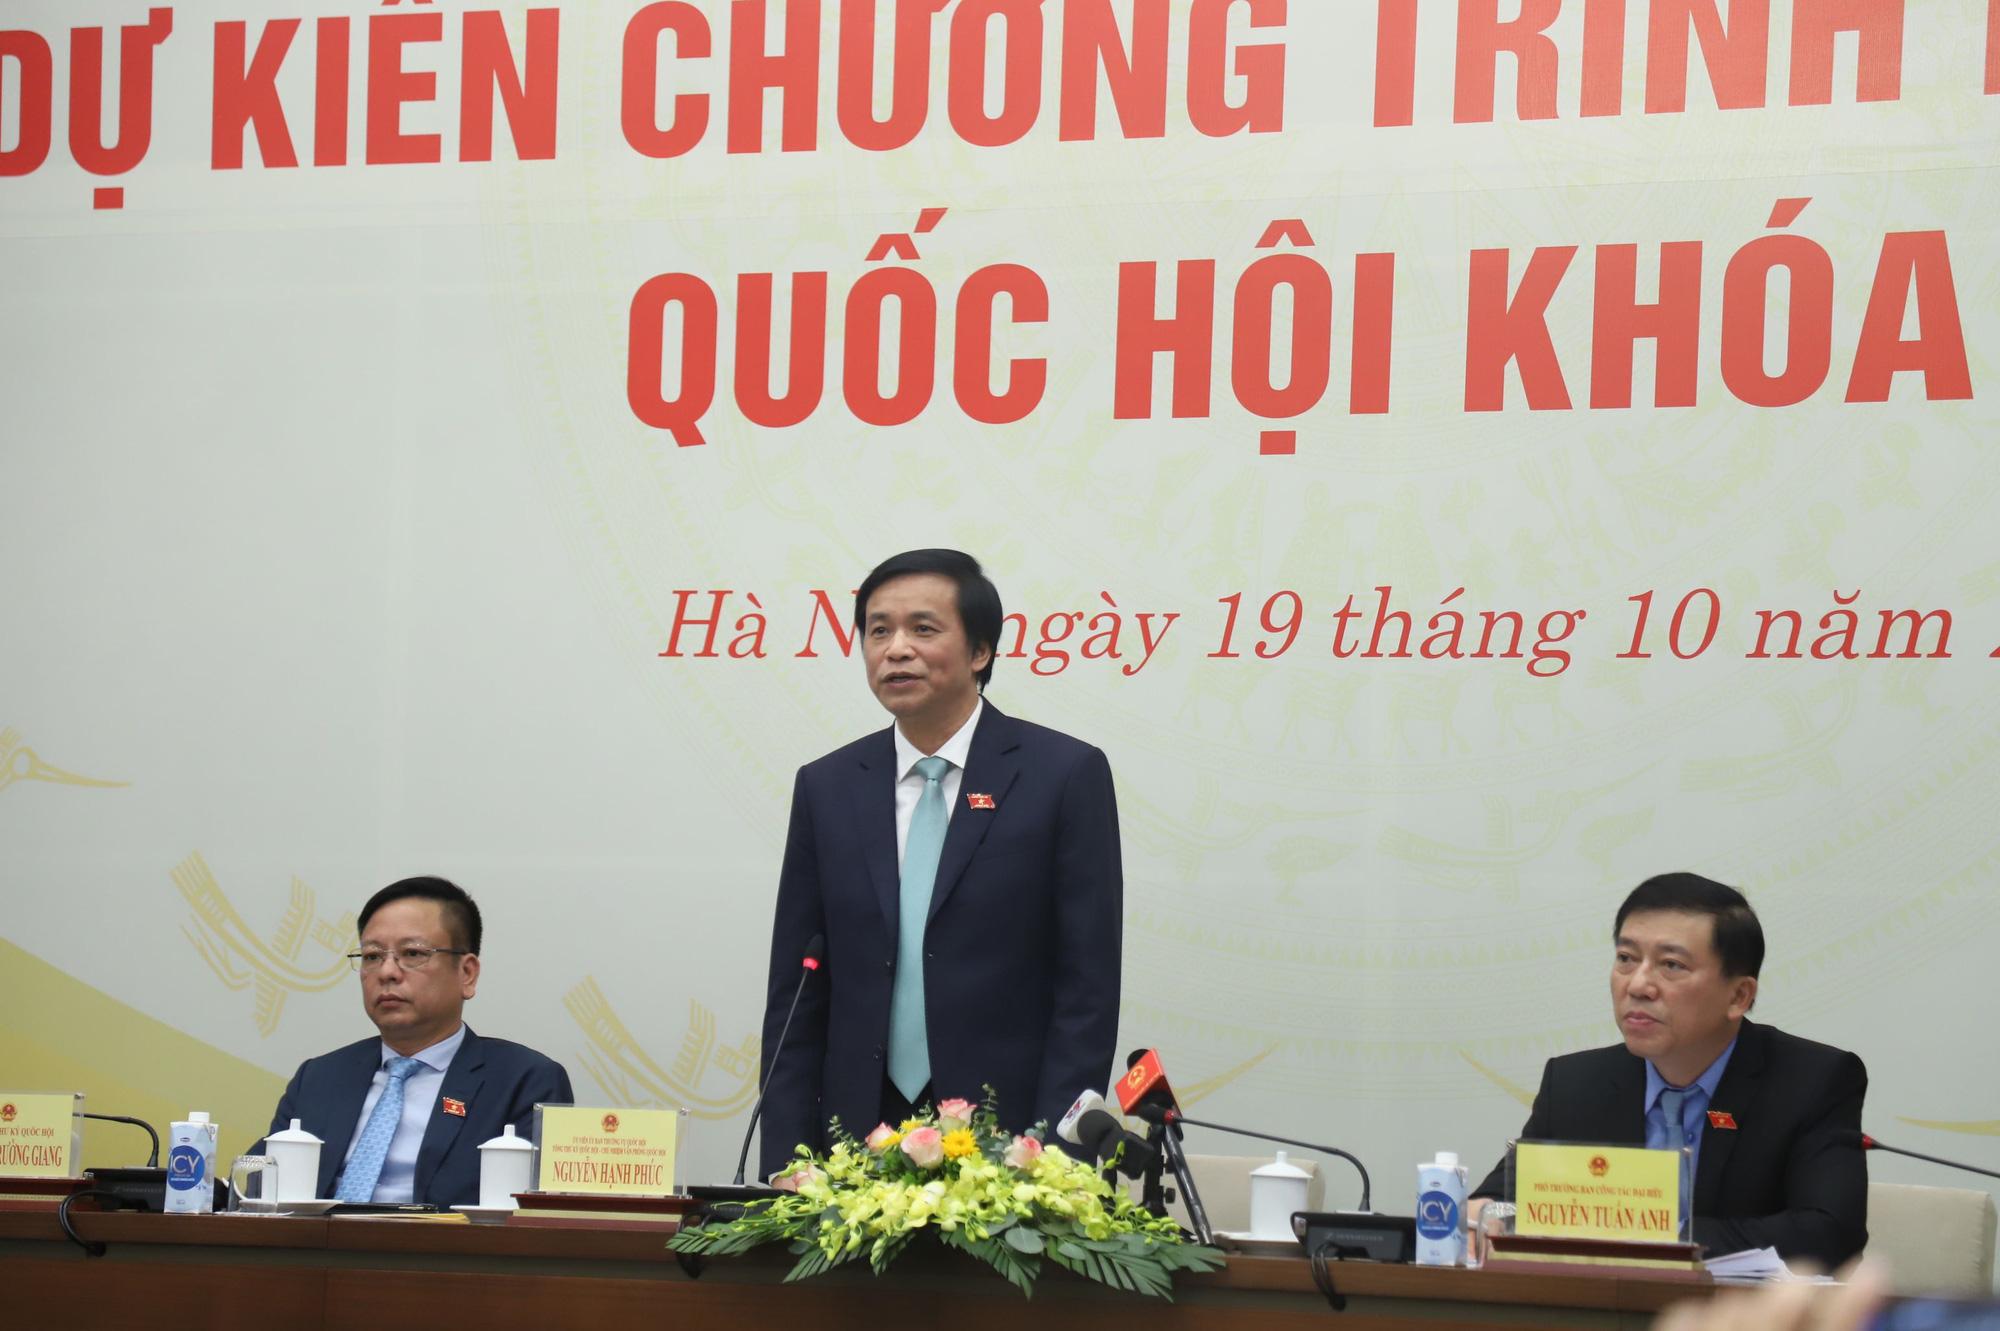 Không so sánh hình ảnh Thiếu tướng, ĐBQH hy sinh ở Rào Trăng 3 với việc bãi nhiệm ĐBQH Phạm Phú Quốc - Ảnh 1.